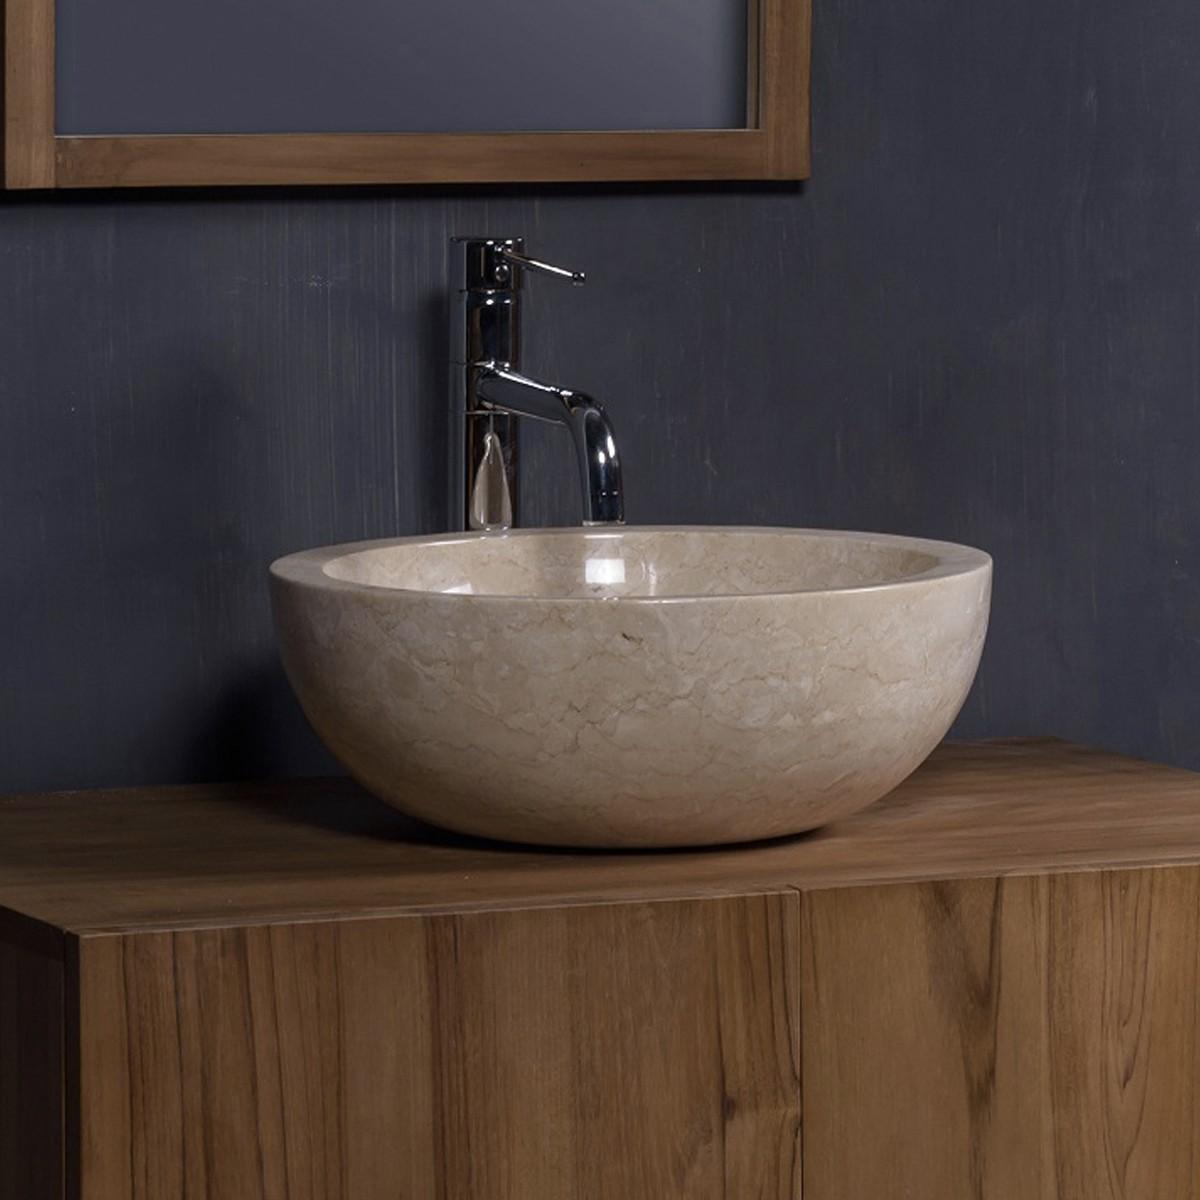 Ensemble de salle de bain en bois de teck 80 - Bois Dessus Bois Dessous